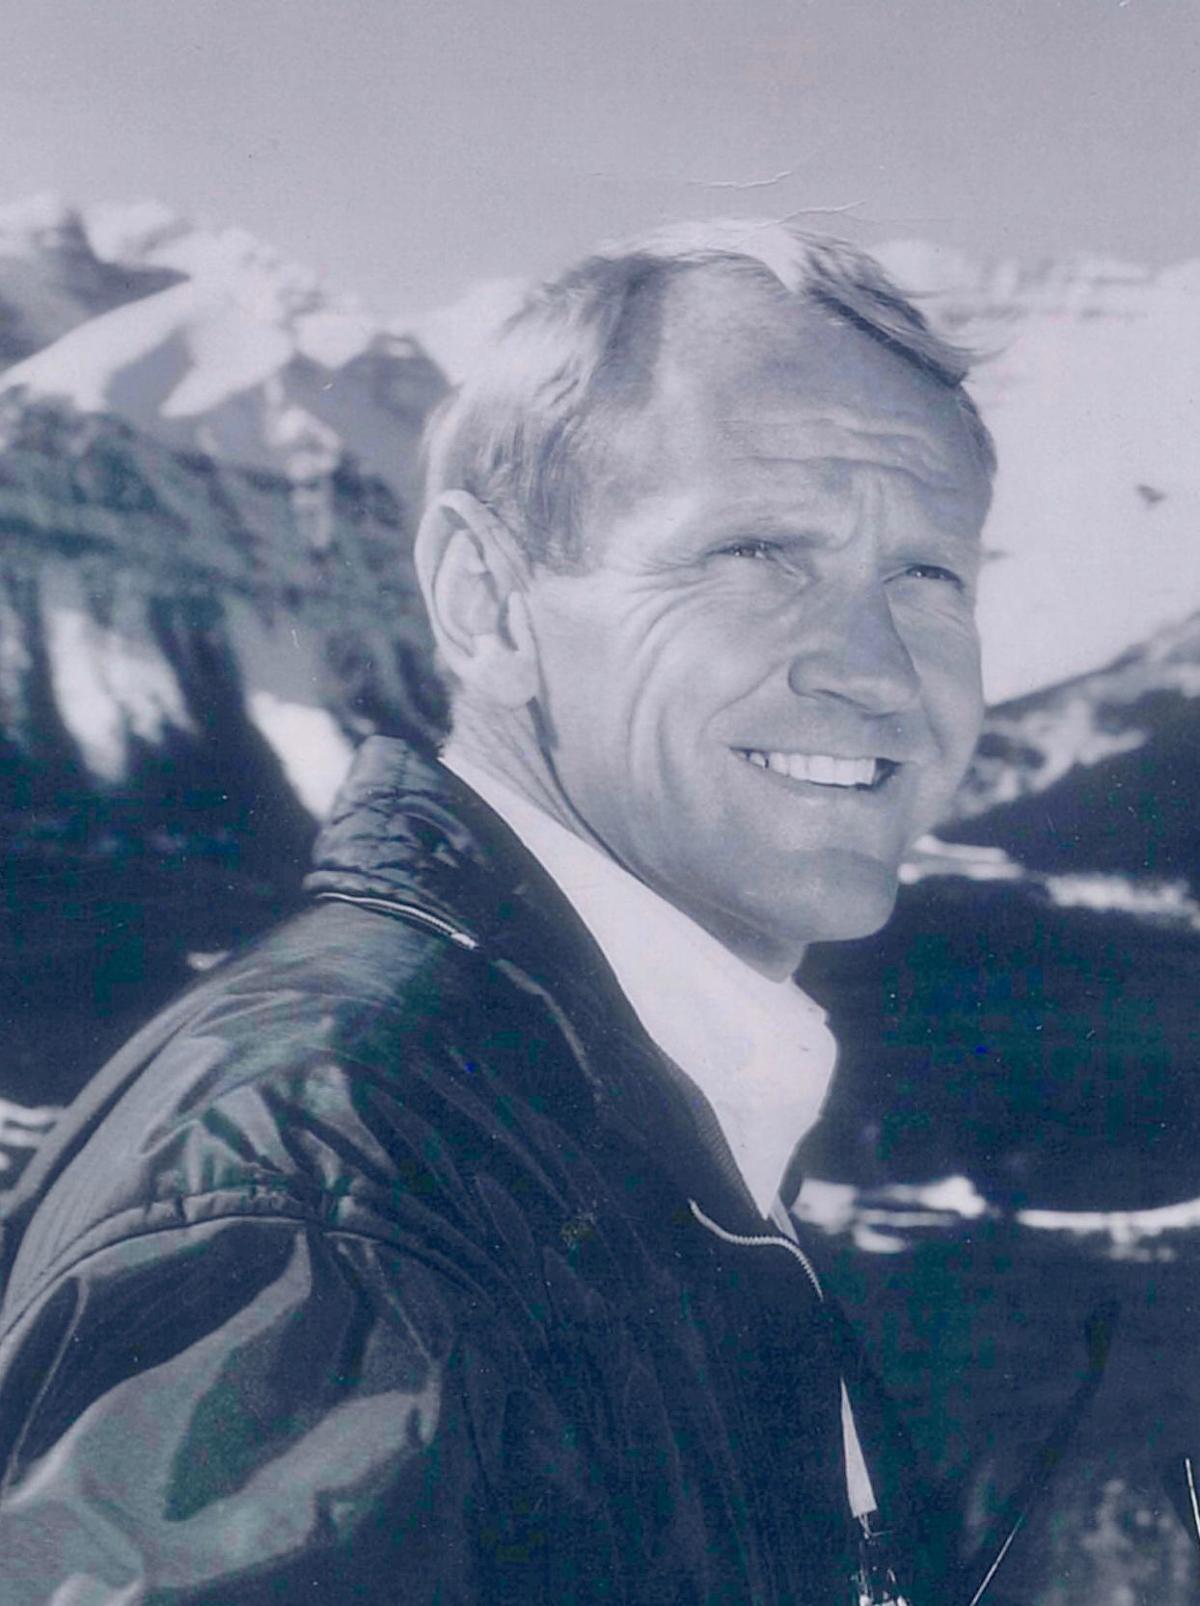 Leroy Klein